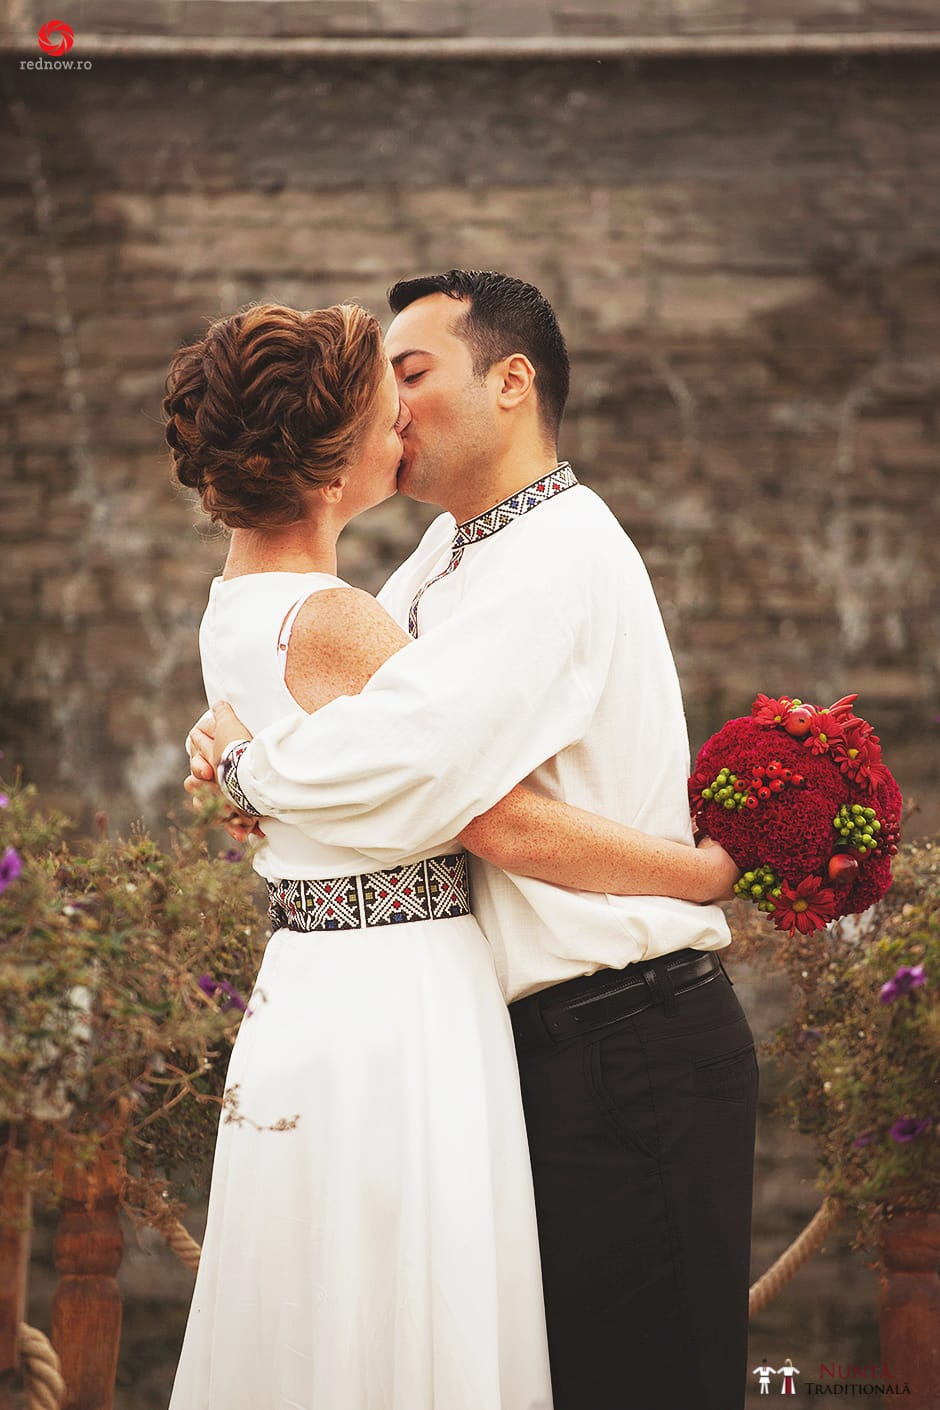 Povești Nunți Tradiționale - Ionatan și Andrea - Nuntă în Crișana. Să ne îmbătăm cu veselia nunții, în culorile toamnei 50